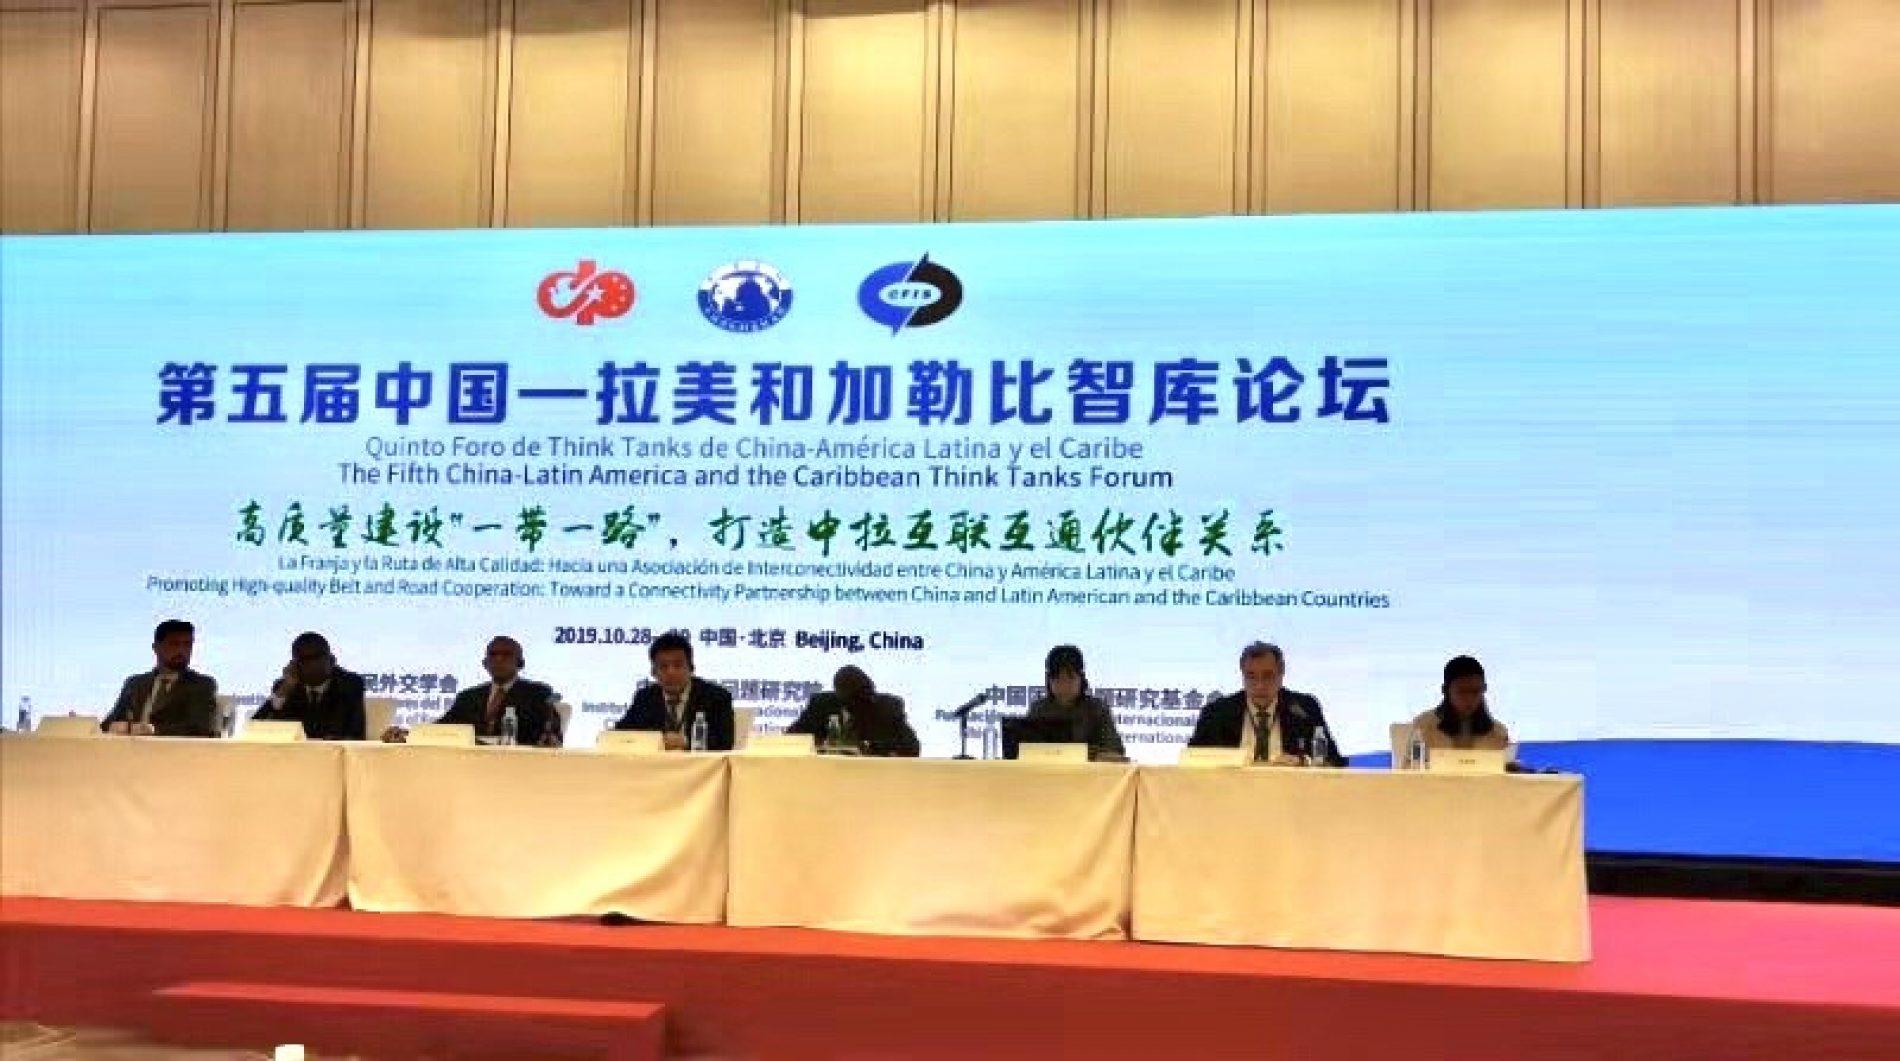 Consejero del CURI, Ing. Washington Durán, participó del V Foro de Think Tanks de América Latina y el Caribe en Beijing, China